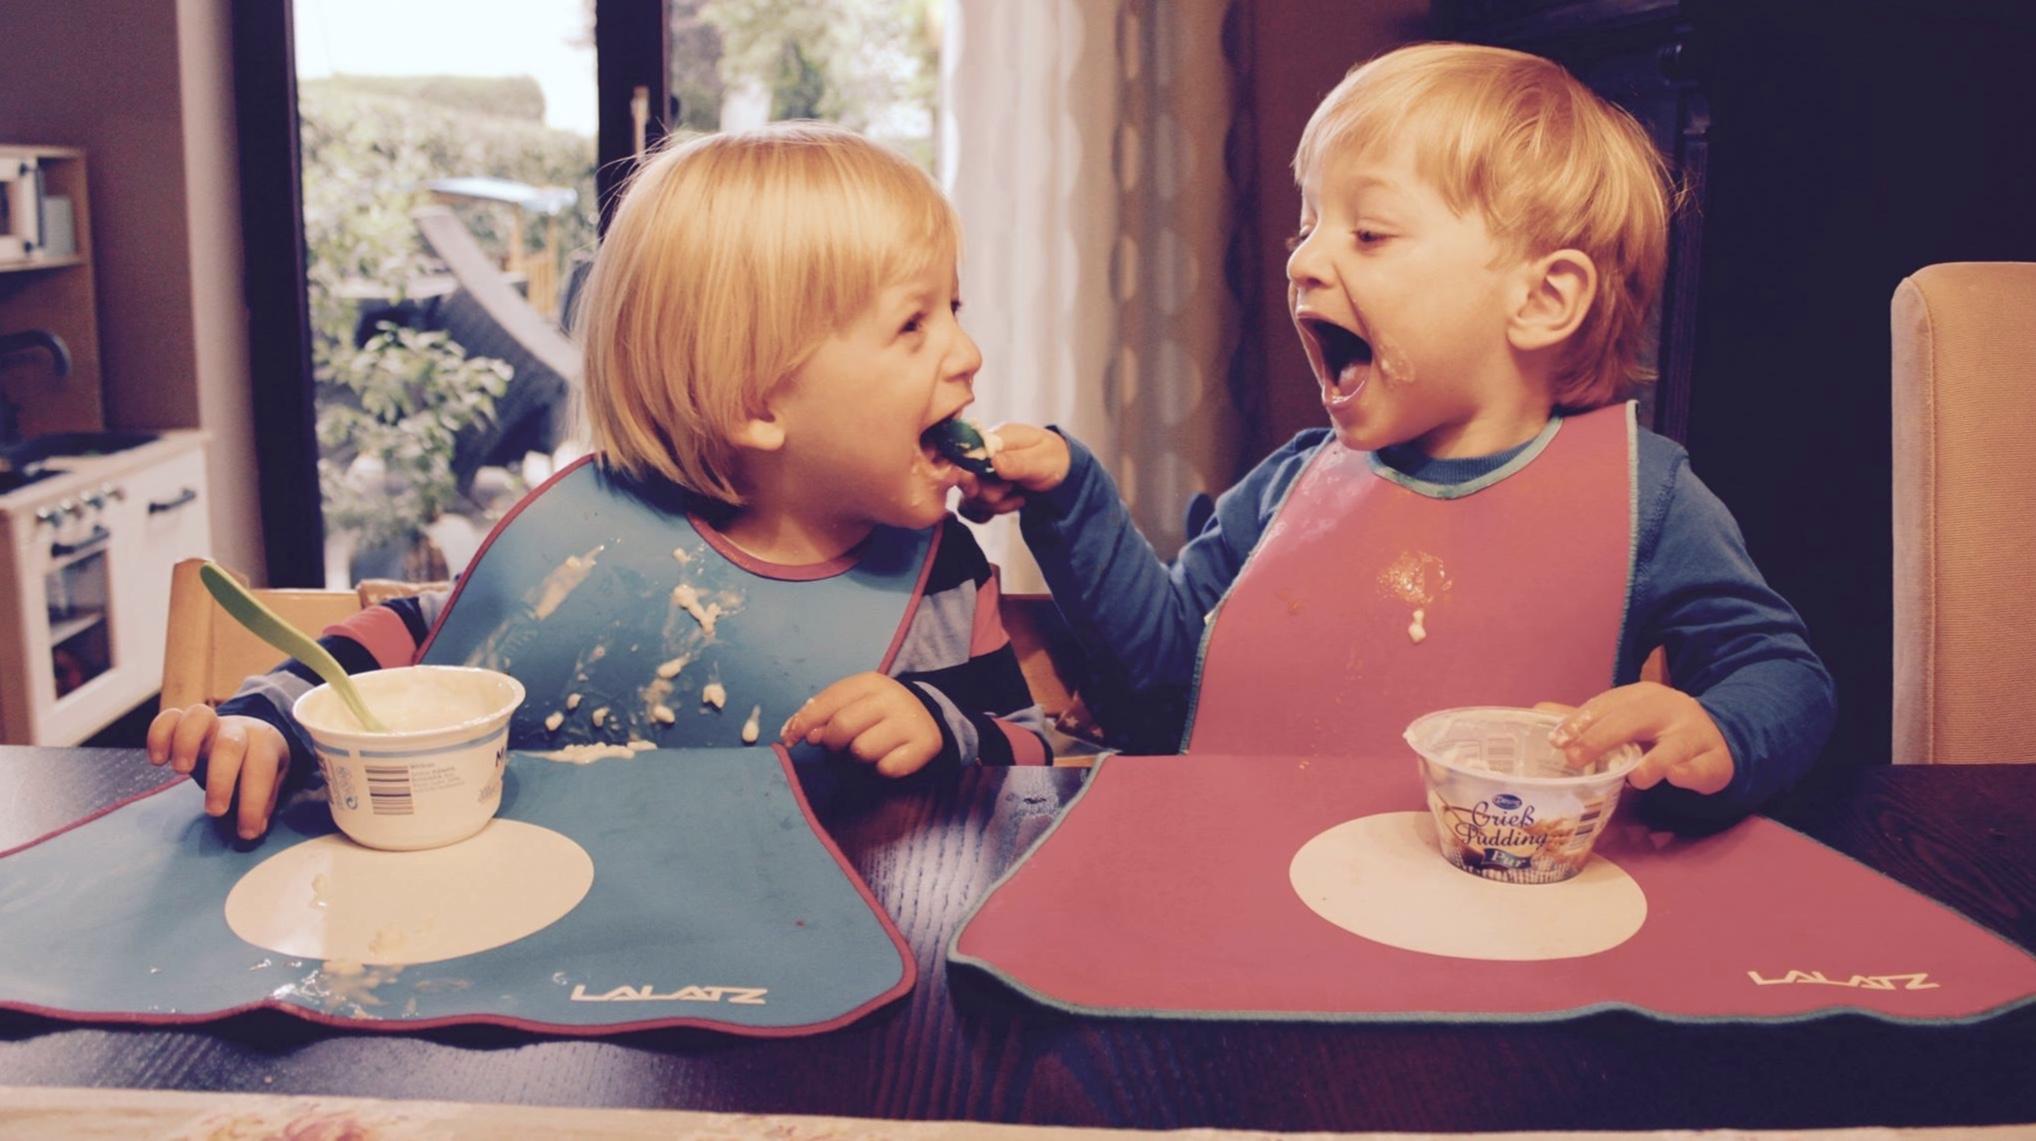 Zwillinge füttern sich gegenseitig